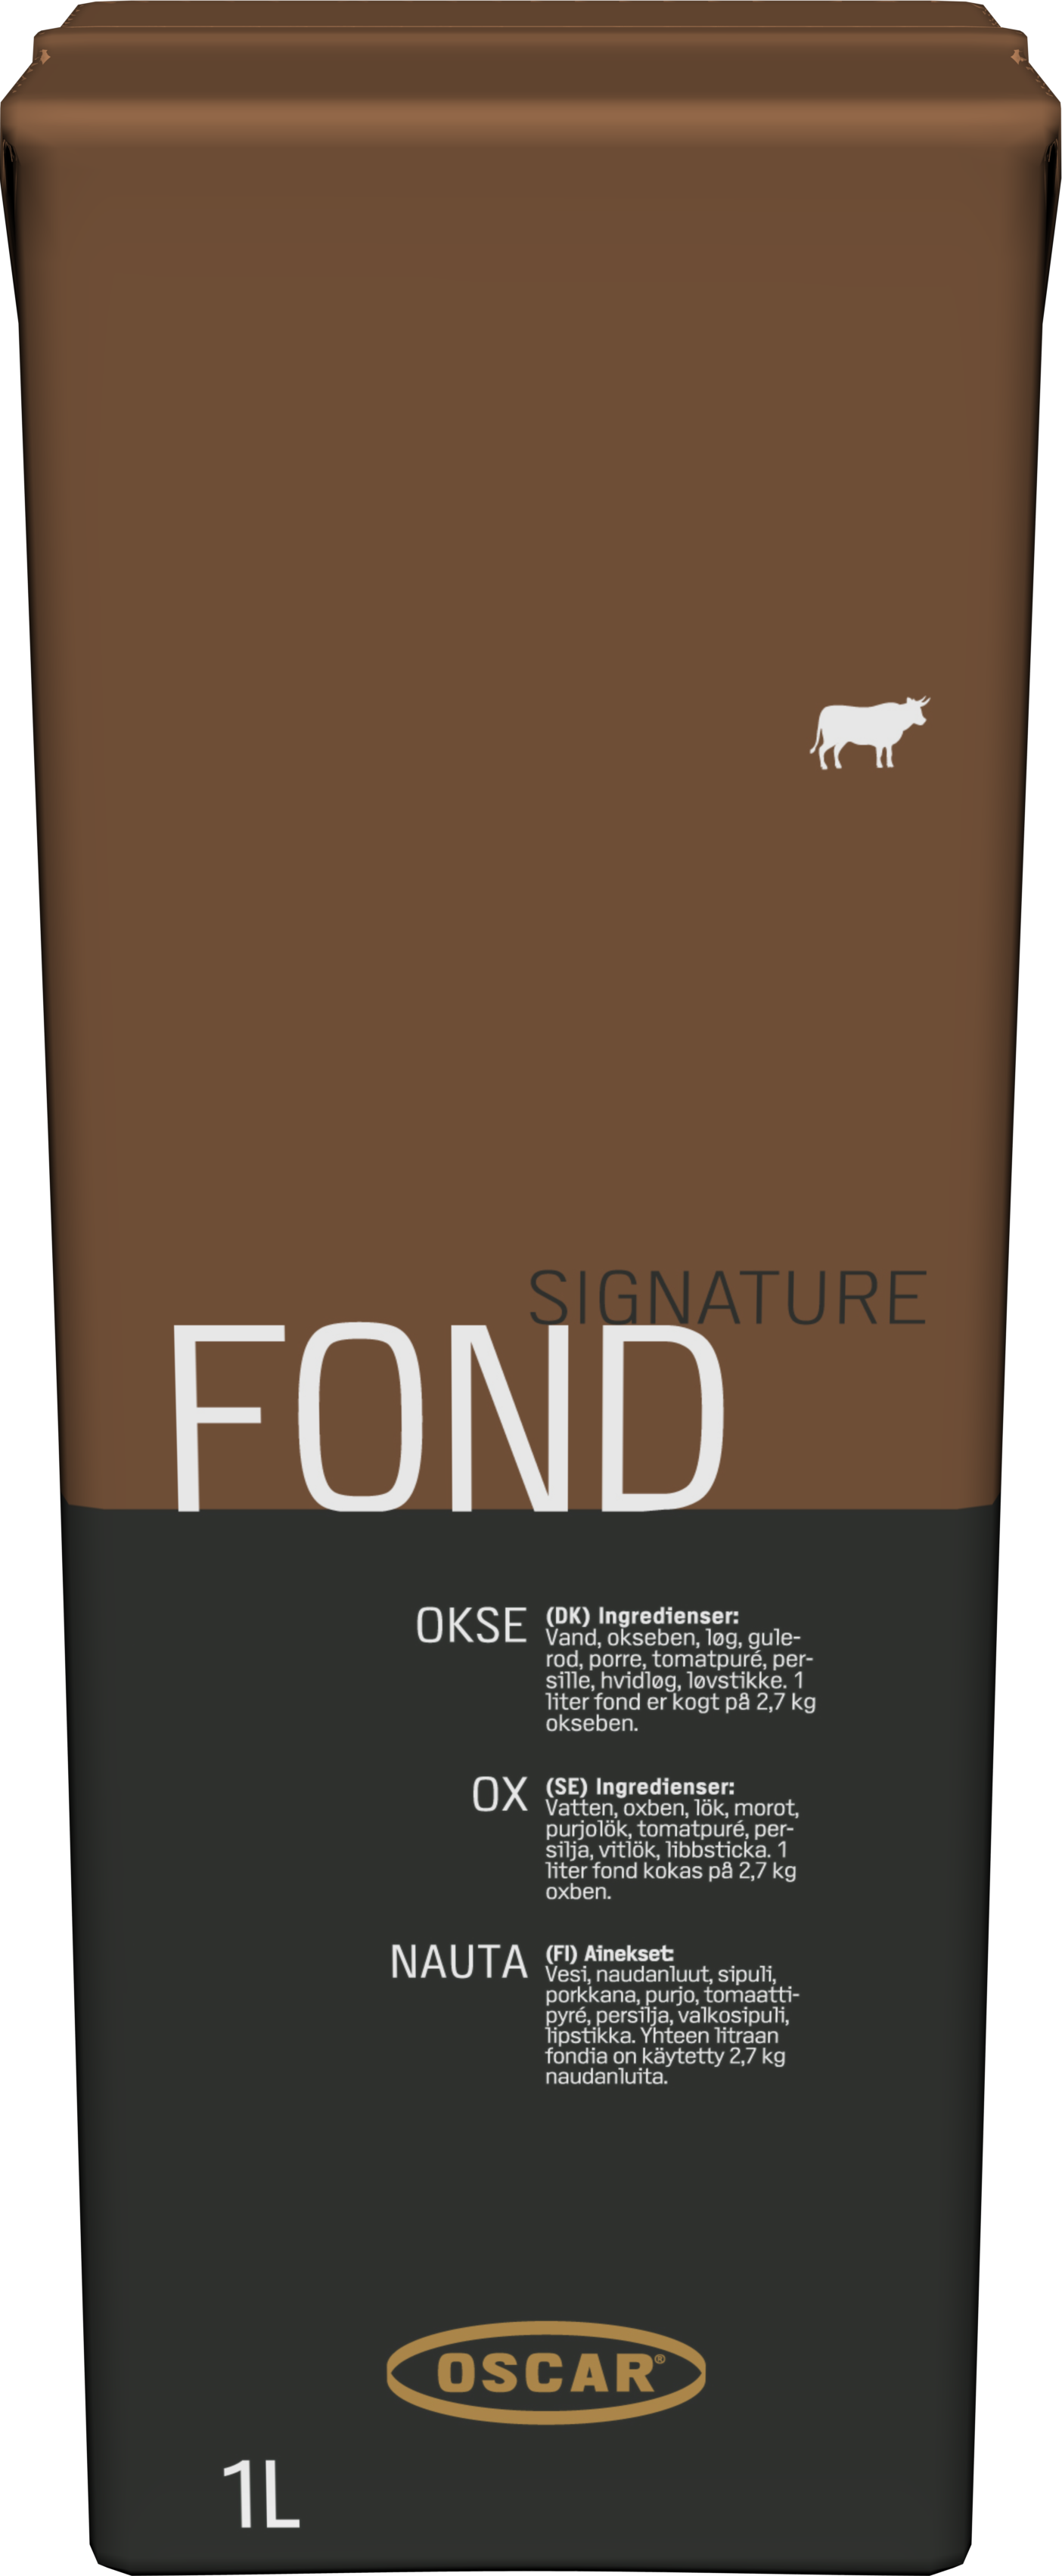 OXFOND SIGNATUR -Oscar